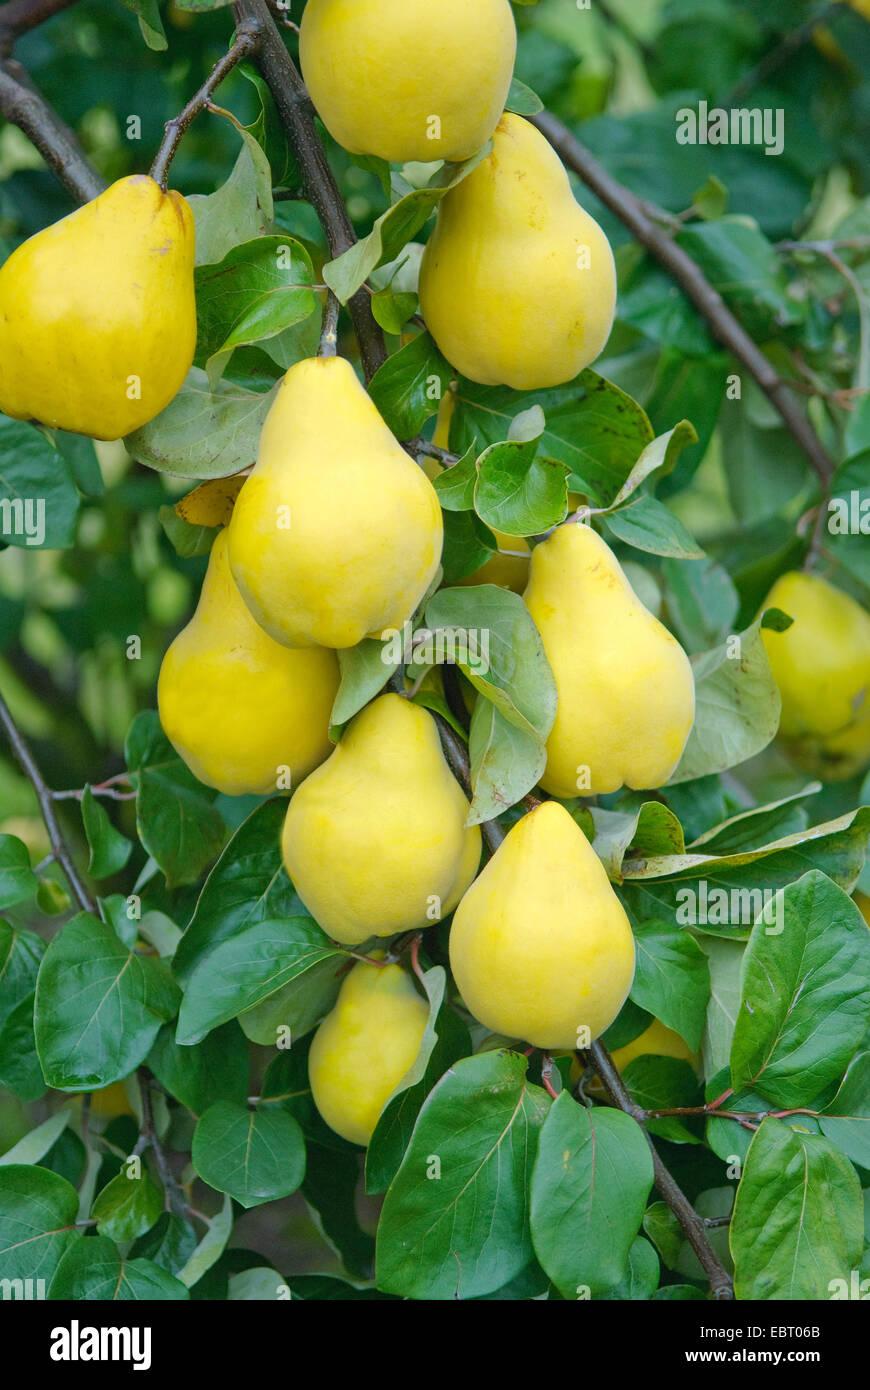 common quince (Cydonia oblonga 'Champion', Cydonia oblonga Champion), quinces of cultivar Champion on a - Stock Image